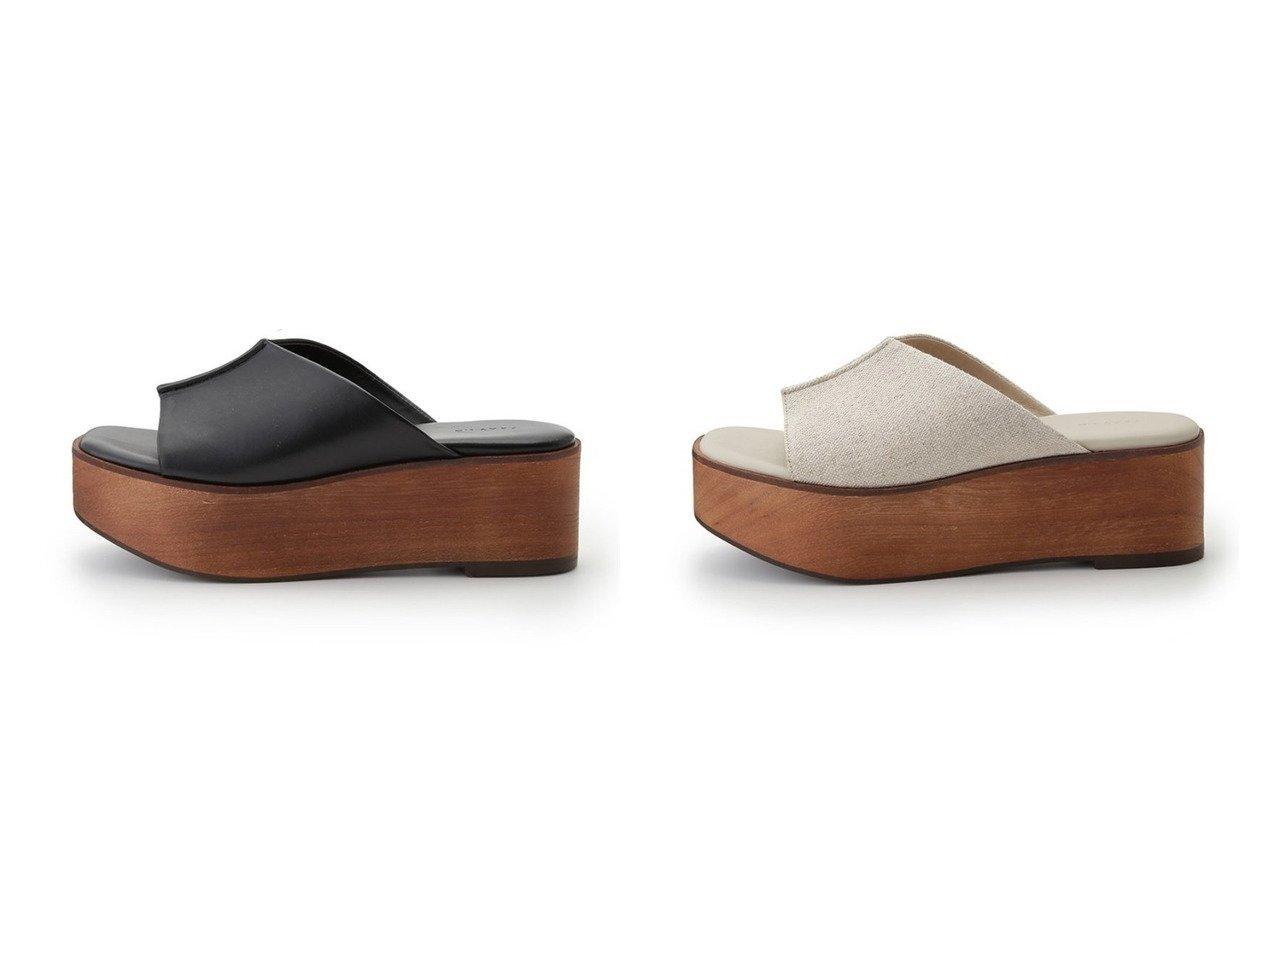 【FRAY I.D/フレイ アイディー】のウッドプラットフォームサンダル 【シューズ・靴】おすすめ!人気、トレンド・レディースファッションの通販 おすすめで人気の流行・トレンド、ファッションの通販商品 インテリア・家具・メンズファッション・キッズファッション・レディースファッション・服の通販 founy(ファニー) https://founy.com/ ファッション Fashion レディースファッション WOMEN サンダル シューズ ミュール 軽量 |ID:crp329100000045530